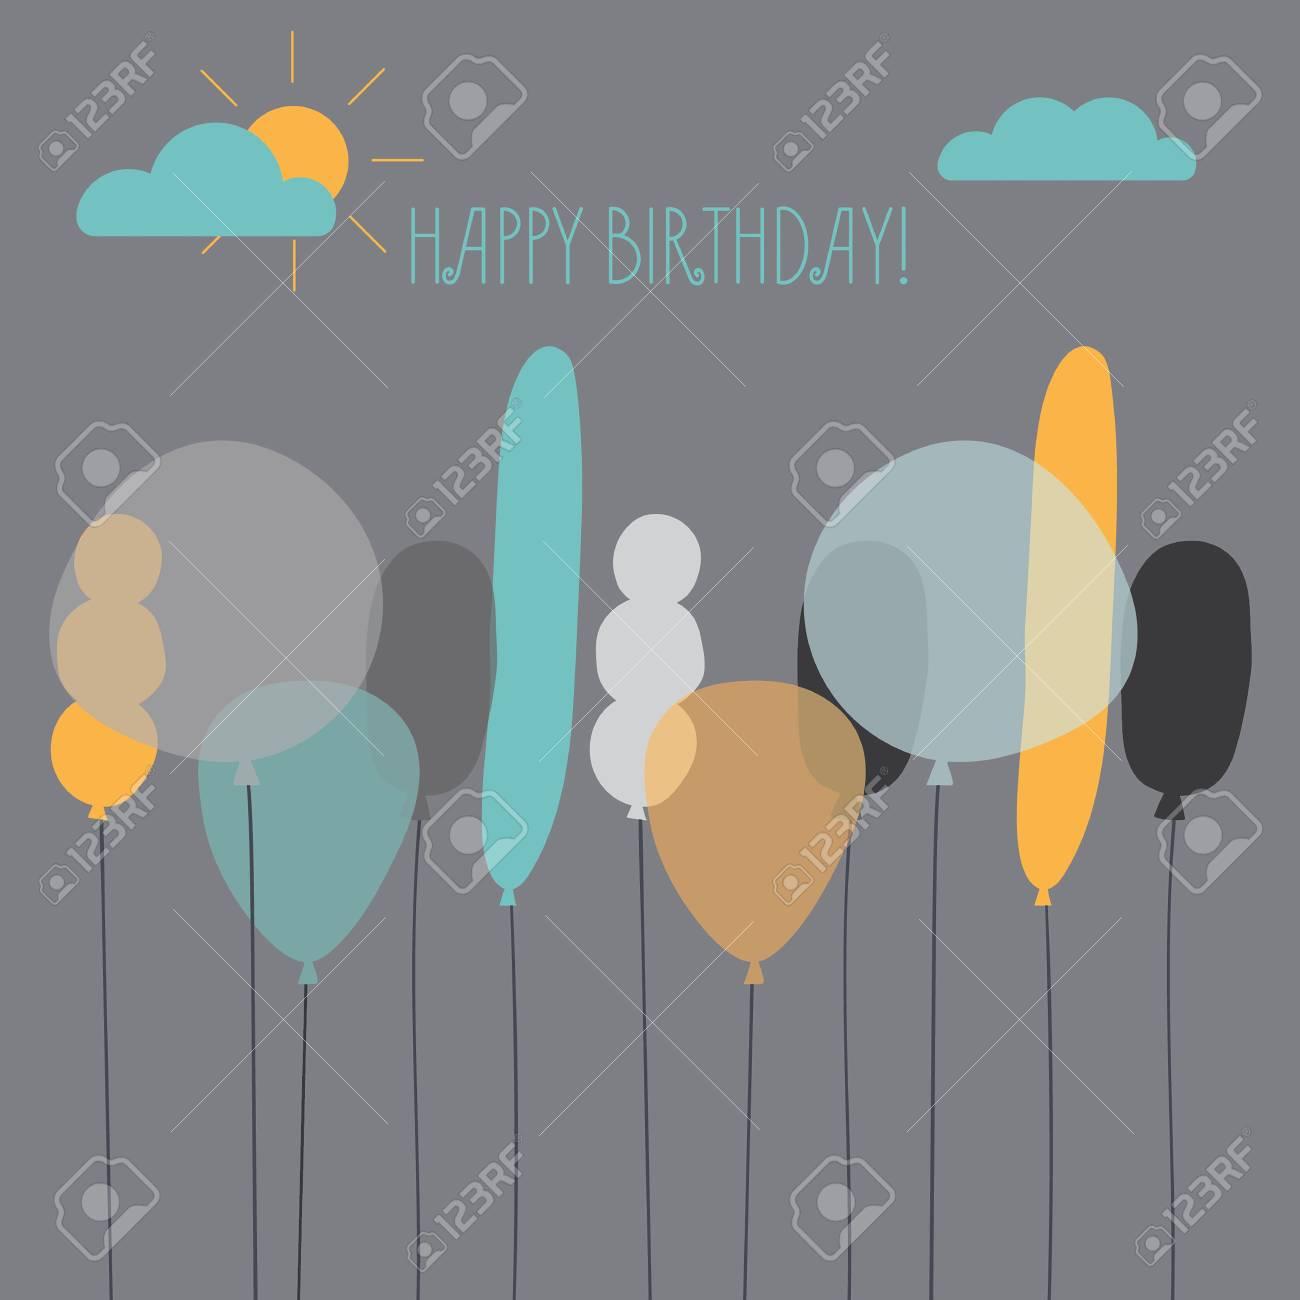 Karte Mit Ballons Für Einen Geburtstag. Moderne Geburtstagskarte